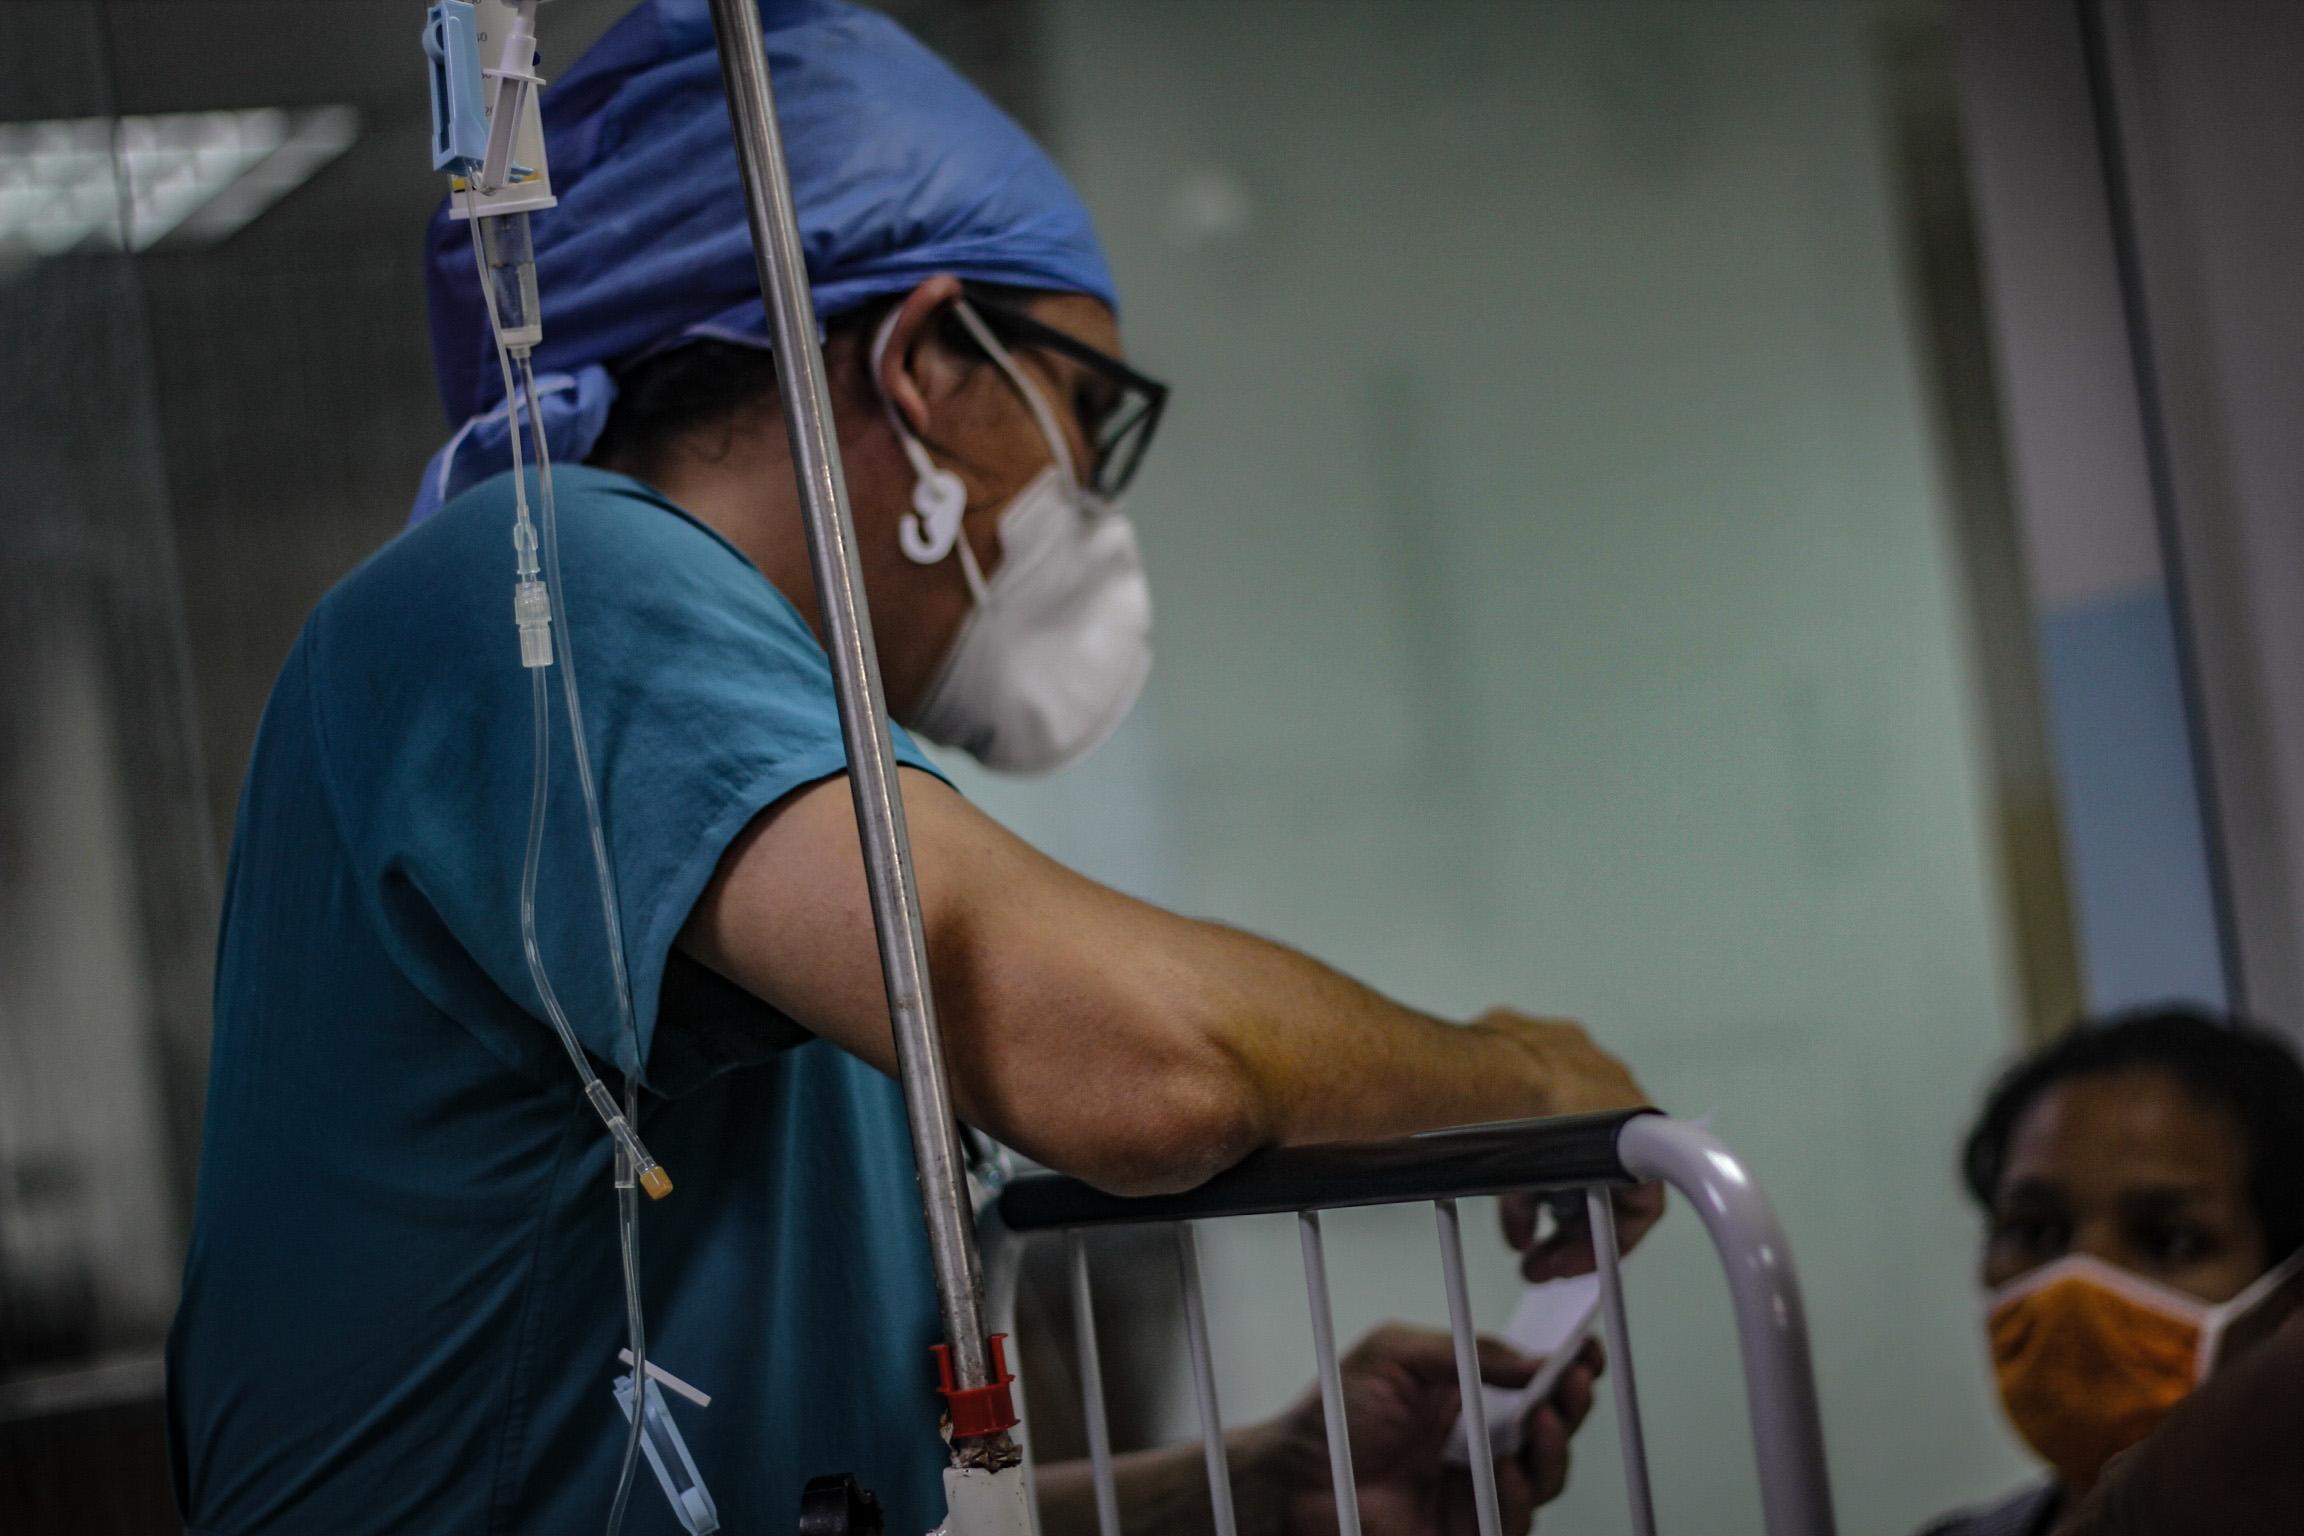 Enfermeros y enfermeras que la pandemia convierte en pacientes (II)